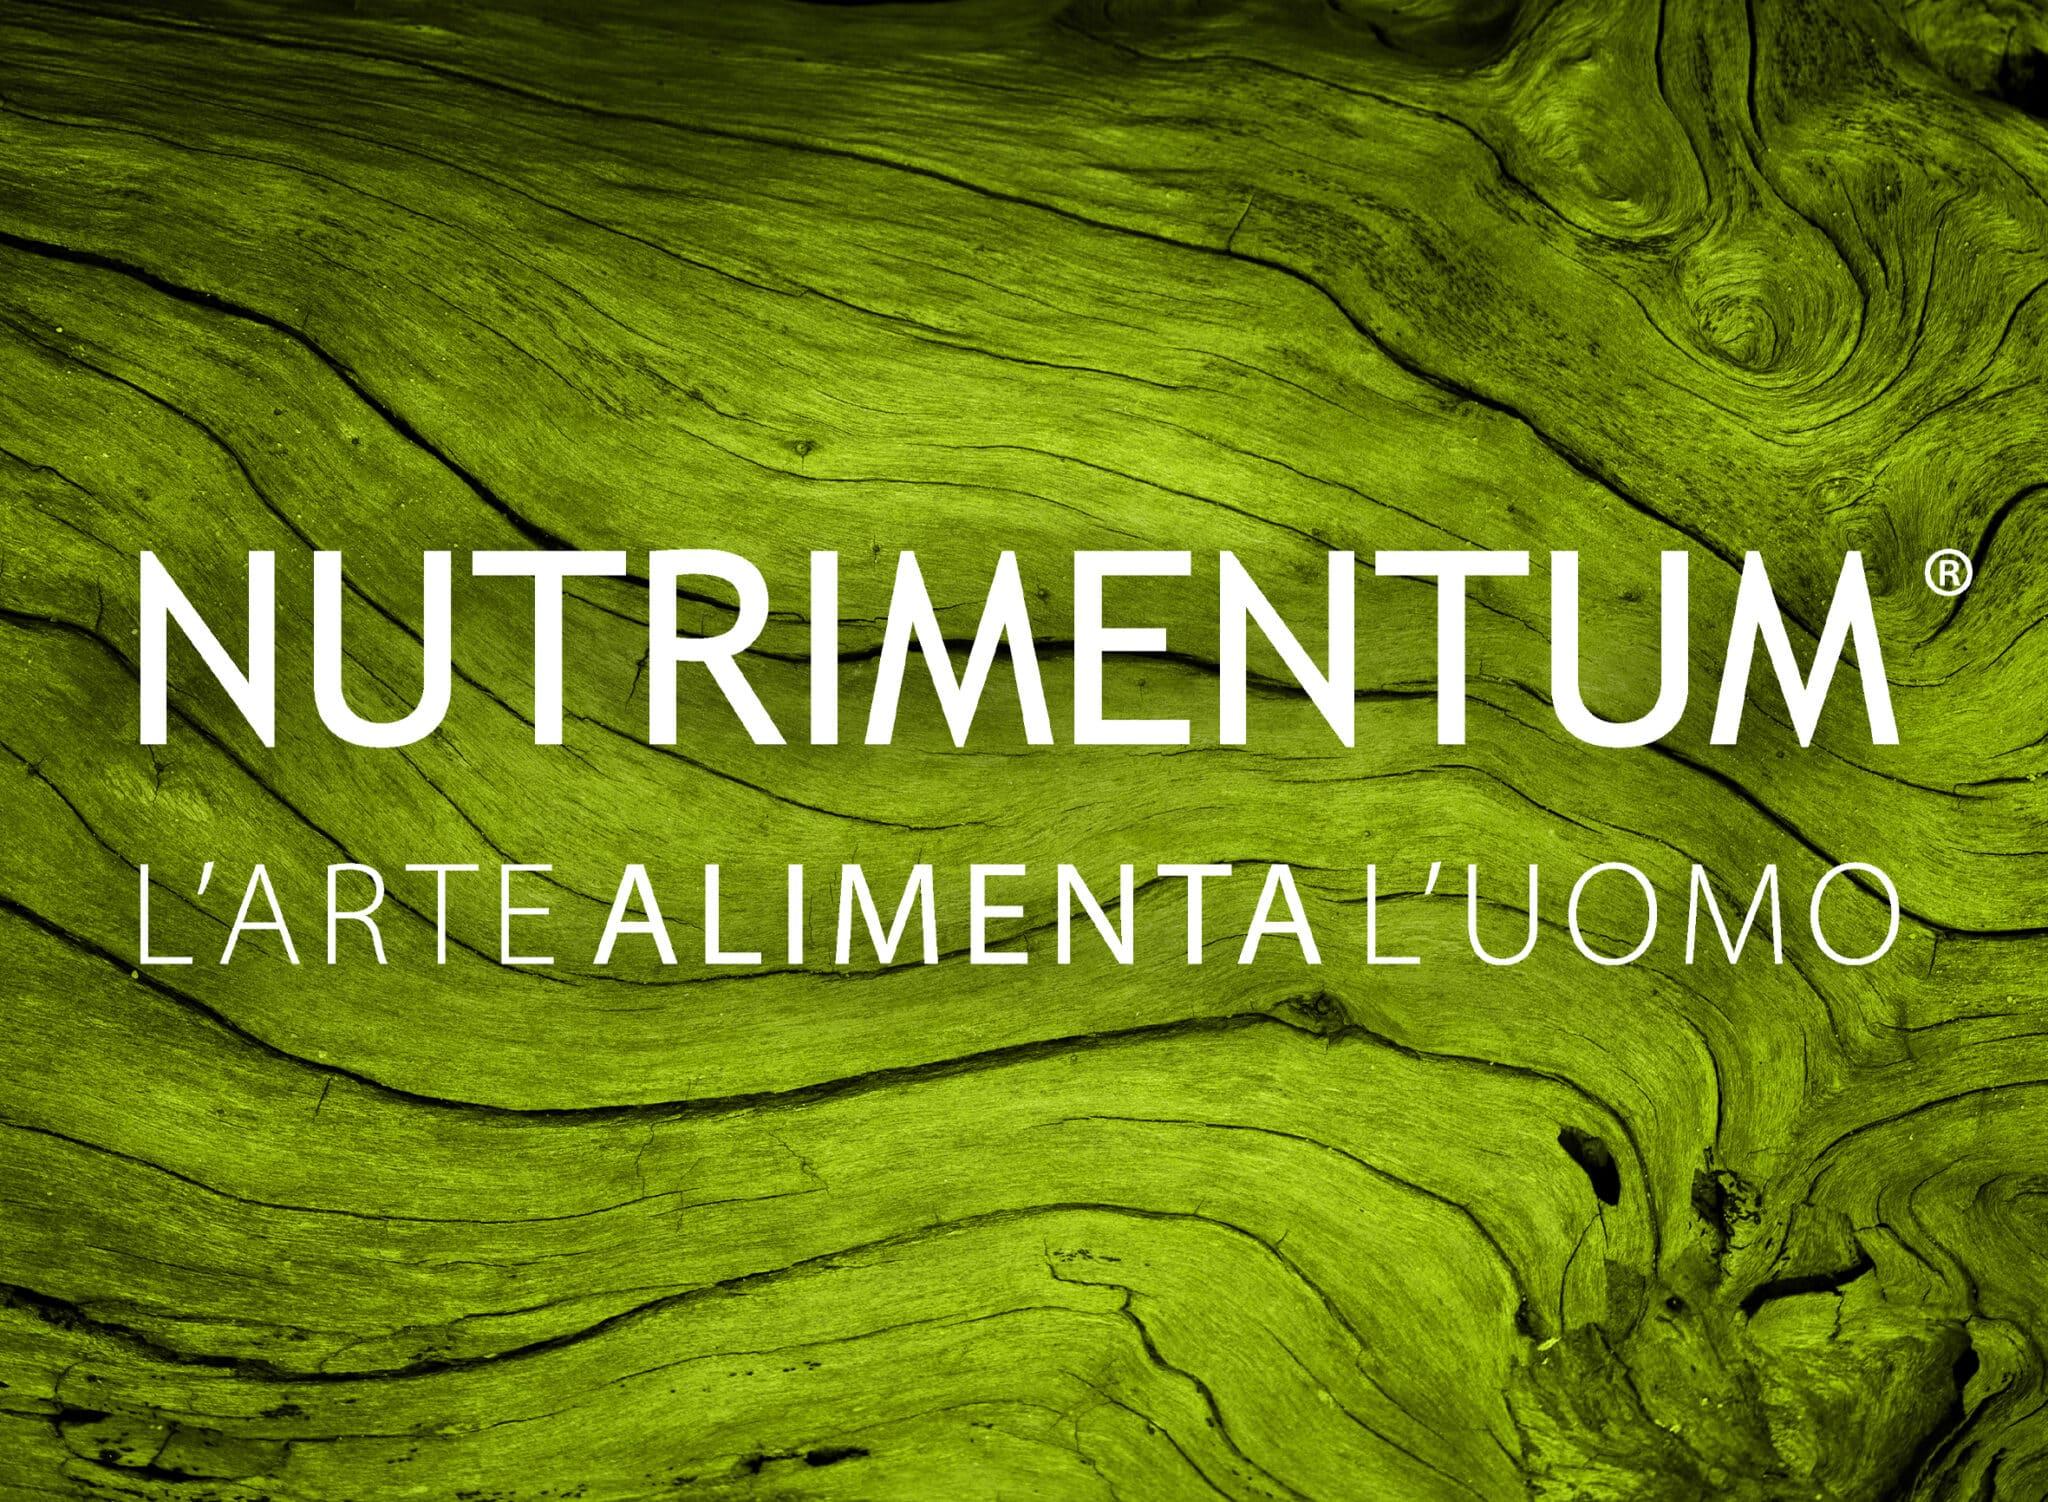 SC_Nutrimentum_01